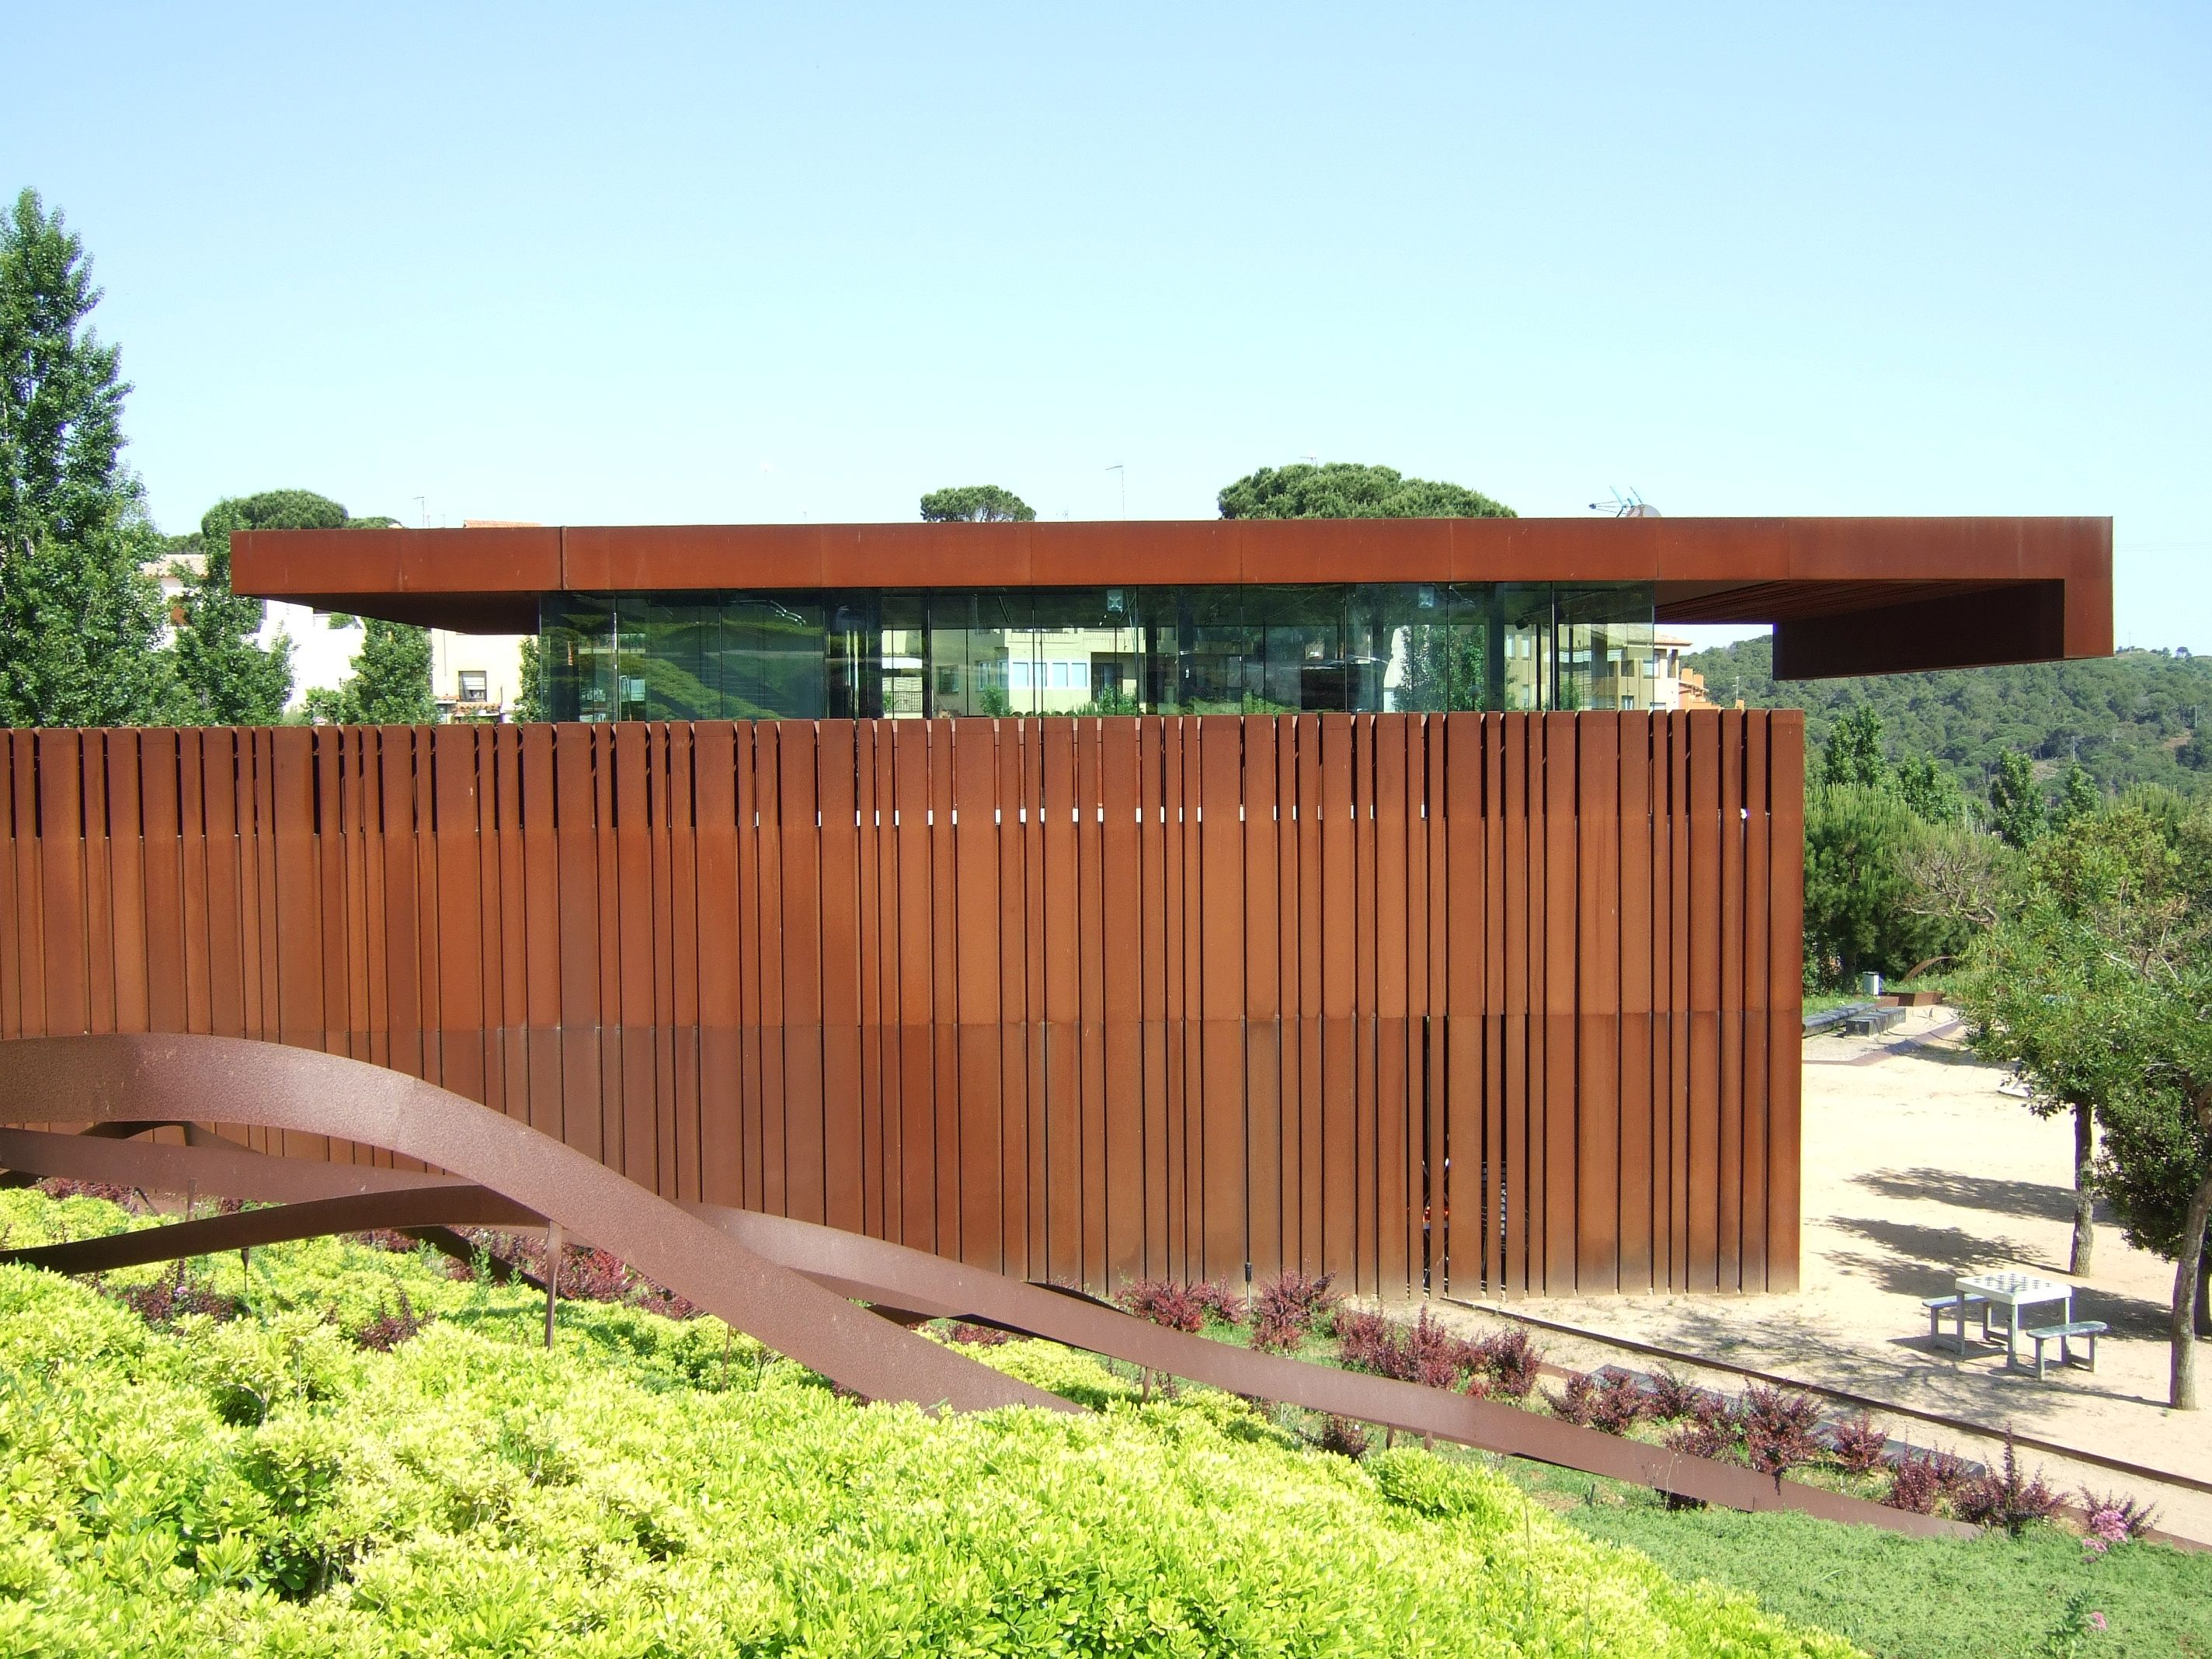 Parque de la arboleda begur girona rcr arquitectes pinterest centre architecture and facades - Arquitectura girona ...